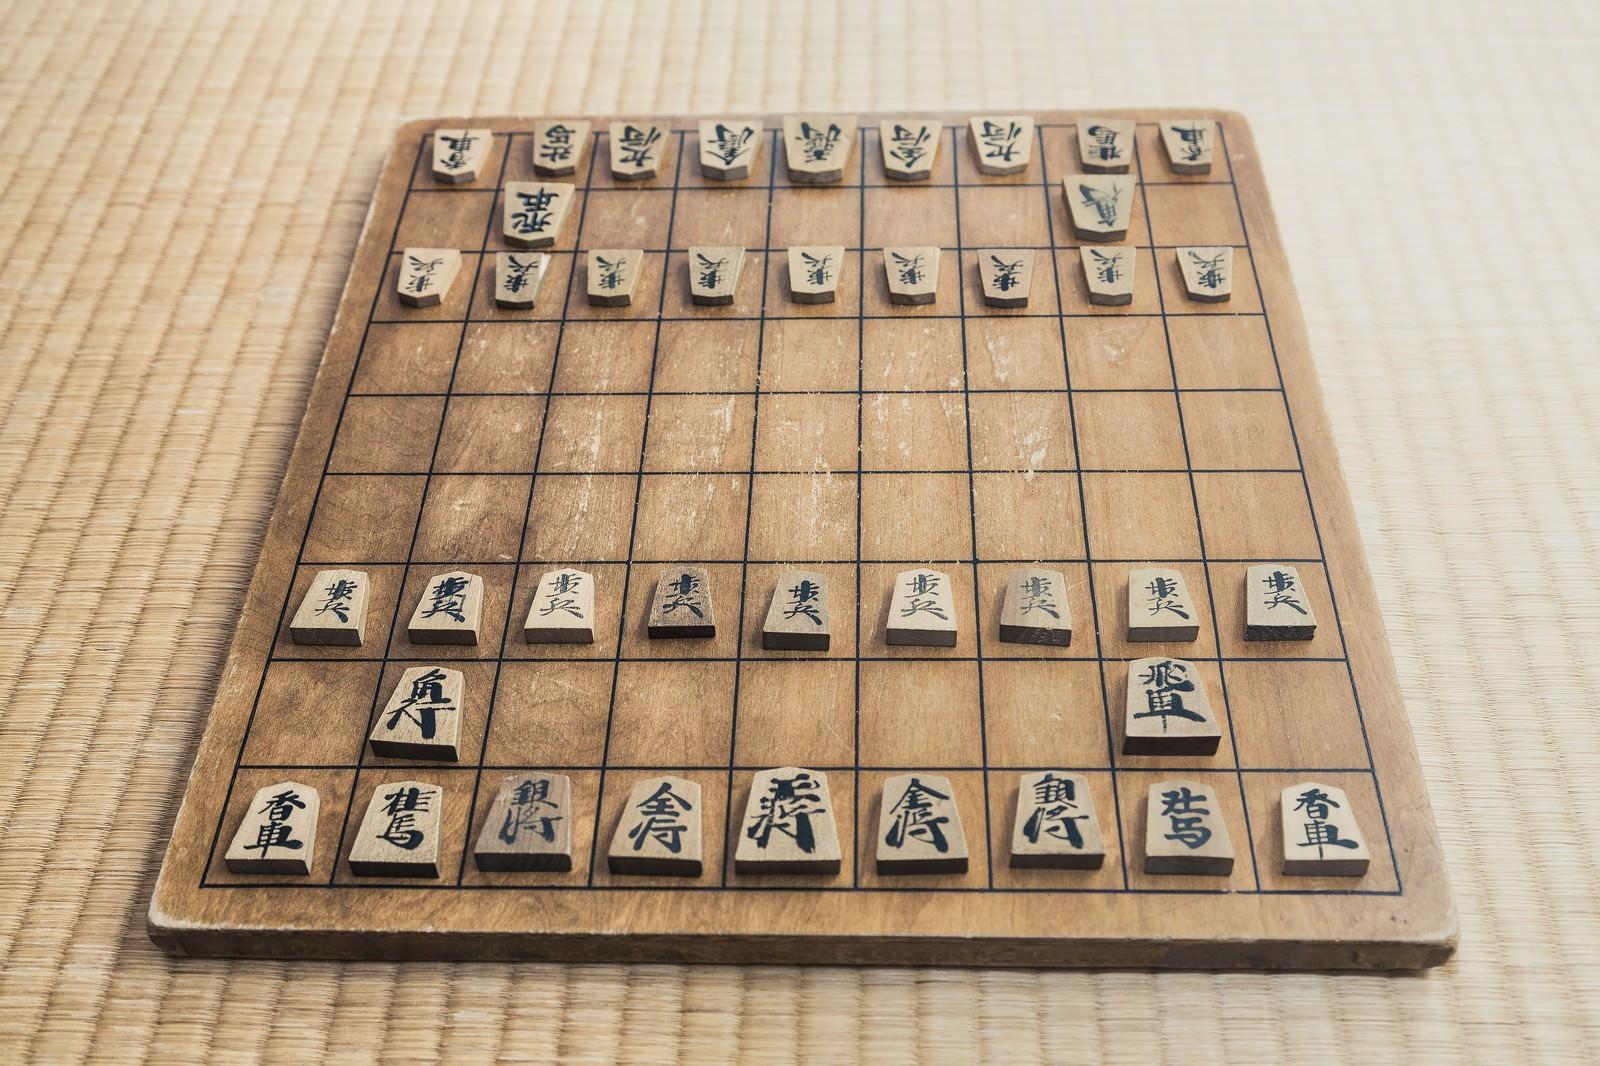 「畳の上に置かれた将棋盤」の写真